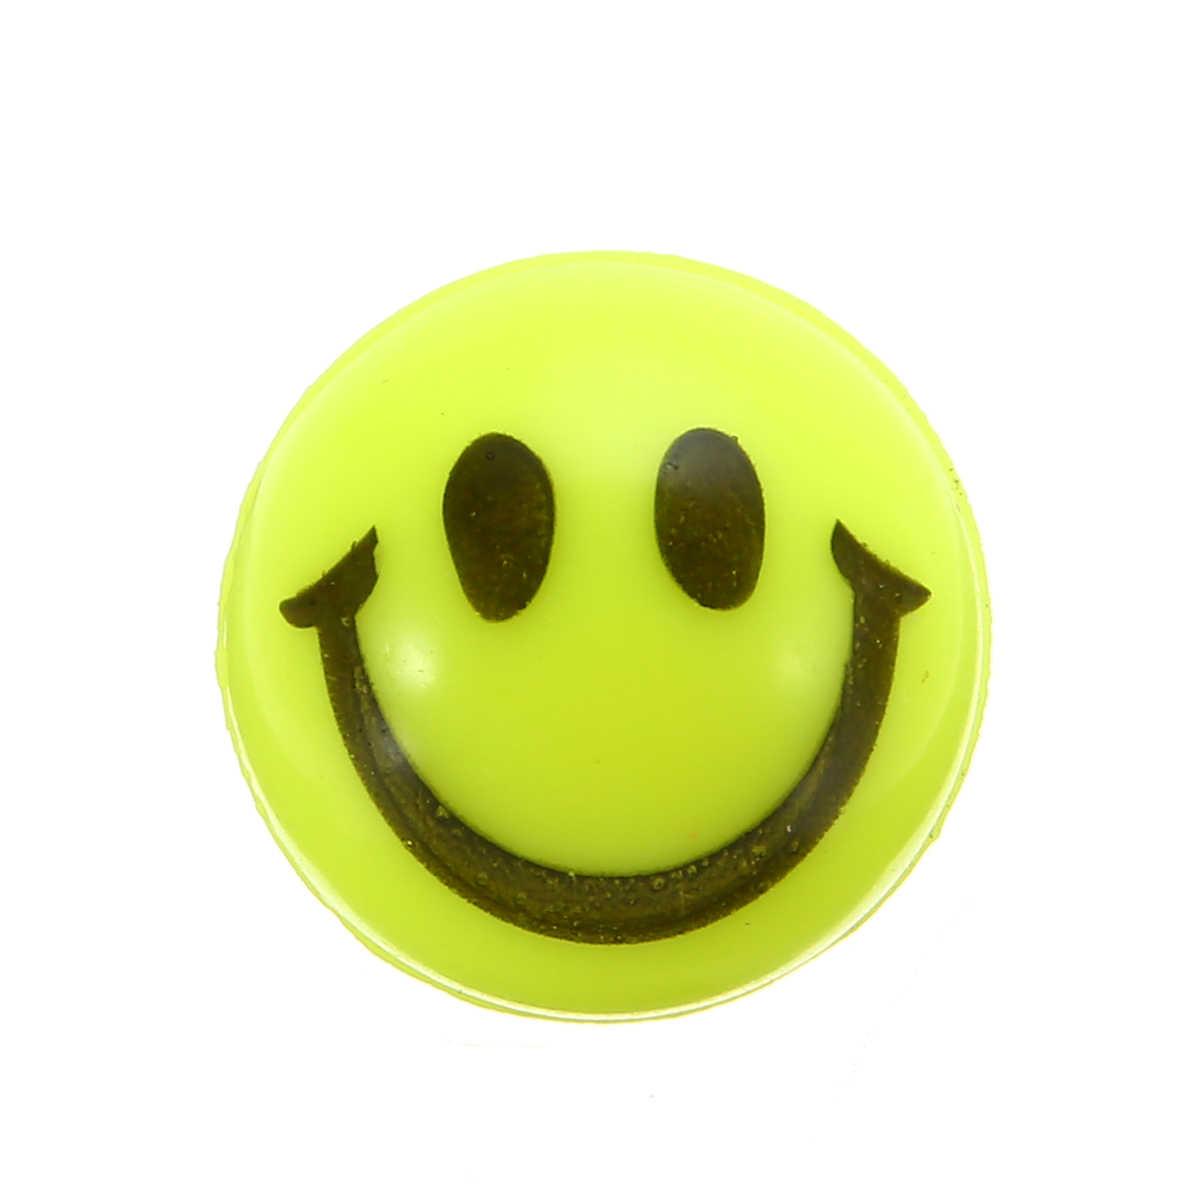 Лидер продаж 10 шт. 27 мм надувной шар Красочные прыгающие шары для детей на день рождения, партия, сумка, игрушка, наполнитель, высокое качество, Подарочная игрушка